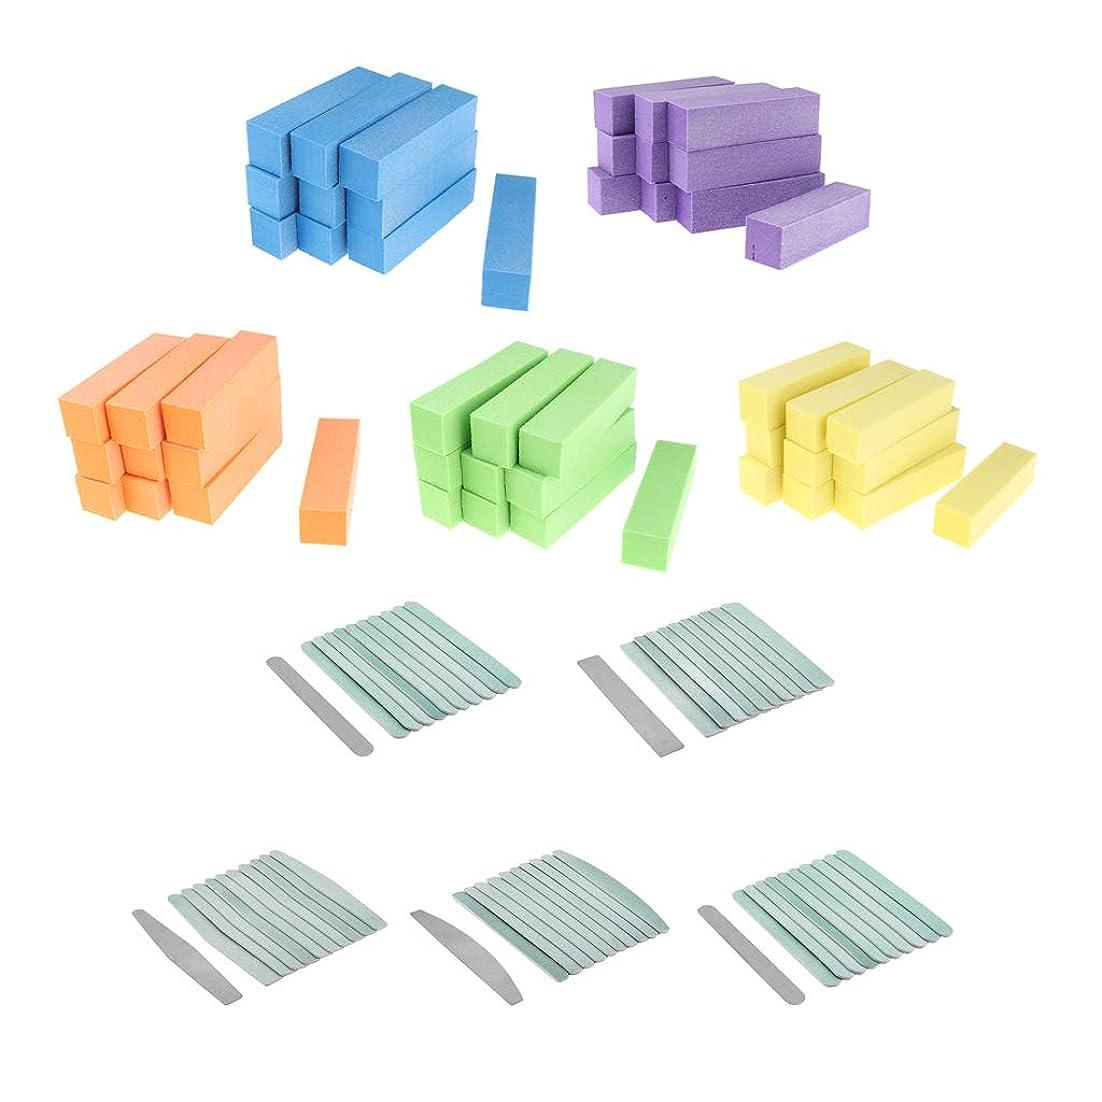 追い払うテーブルを設定する強化するCUTICATE プロのマニキュアケアサンディングツールセット、50個4ウェイバッファブロックと50個ネイルファイルブラックストレート両面エメリーボード